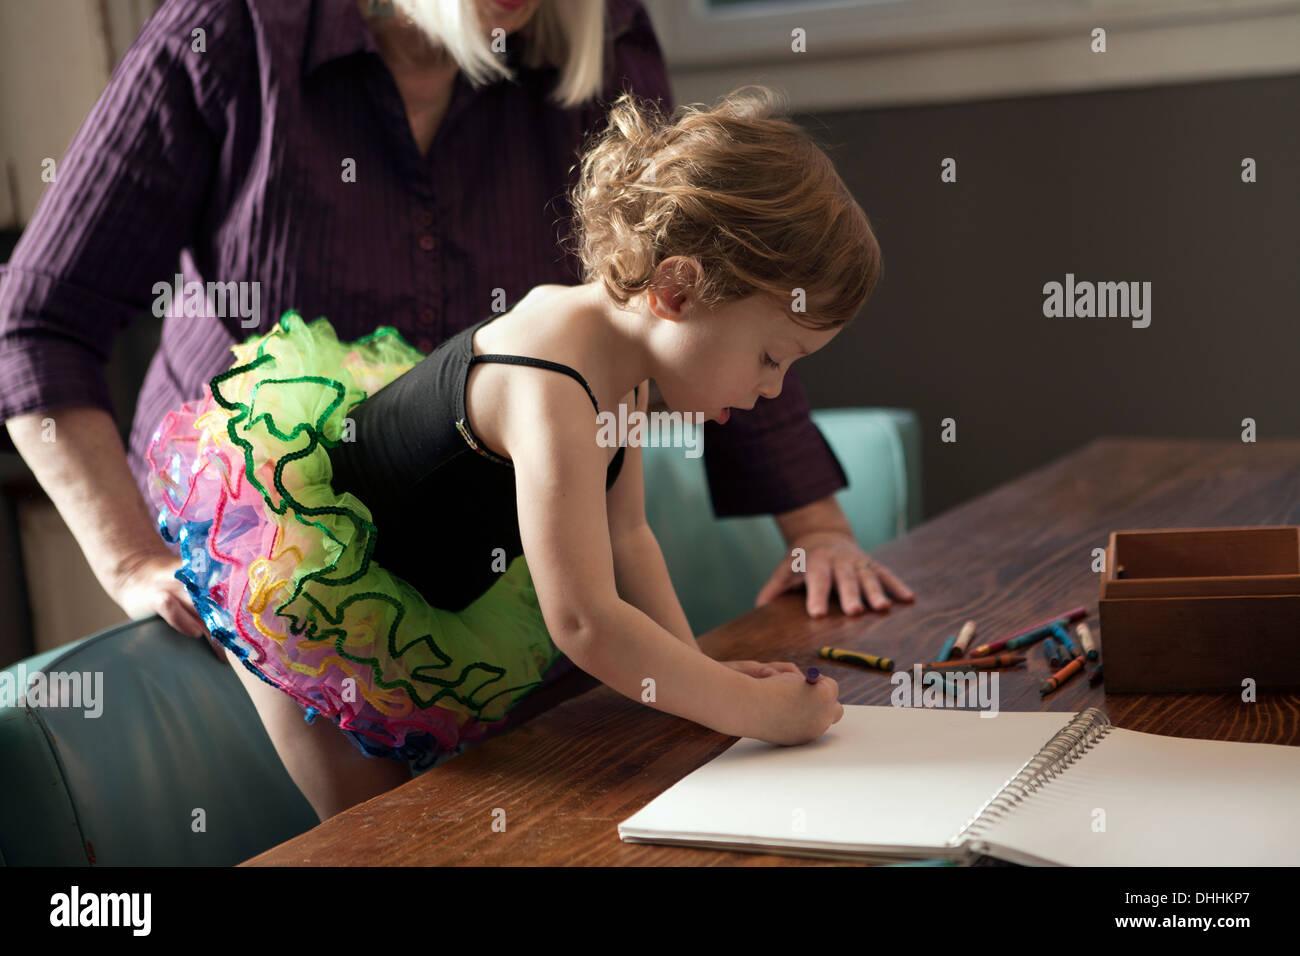 Großmutter und Enkelin stehenden Tabelle zeichnen Stockbild